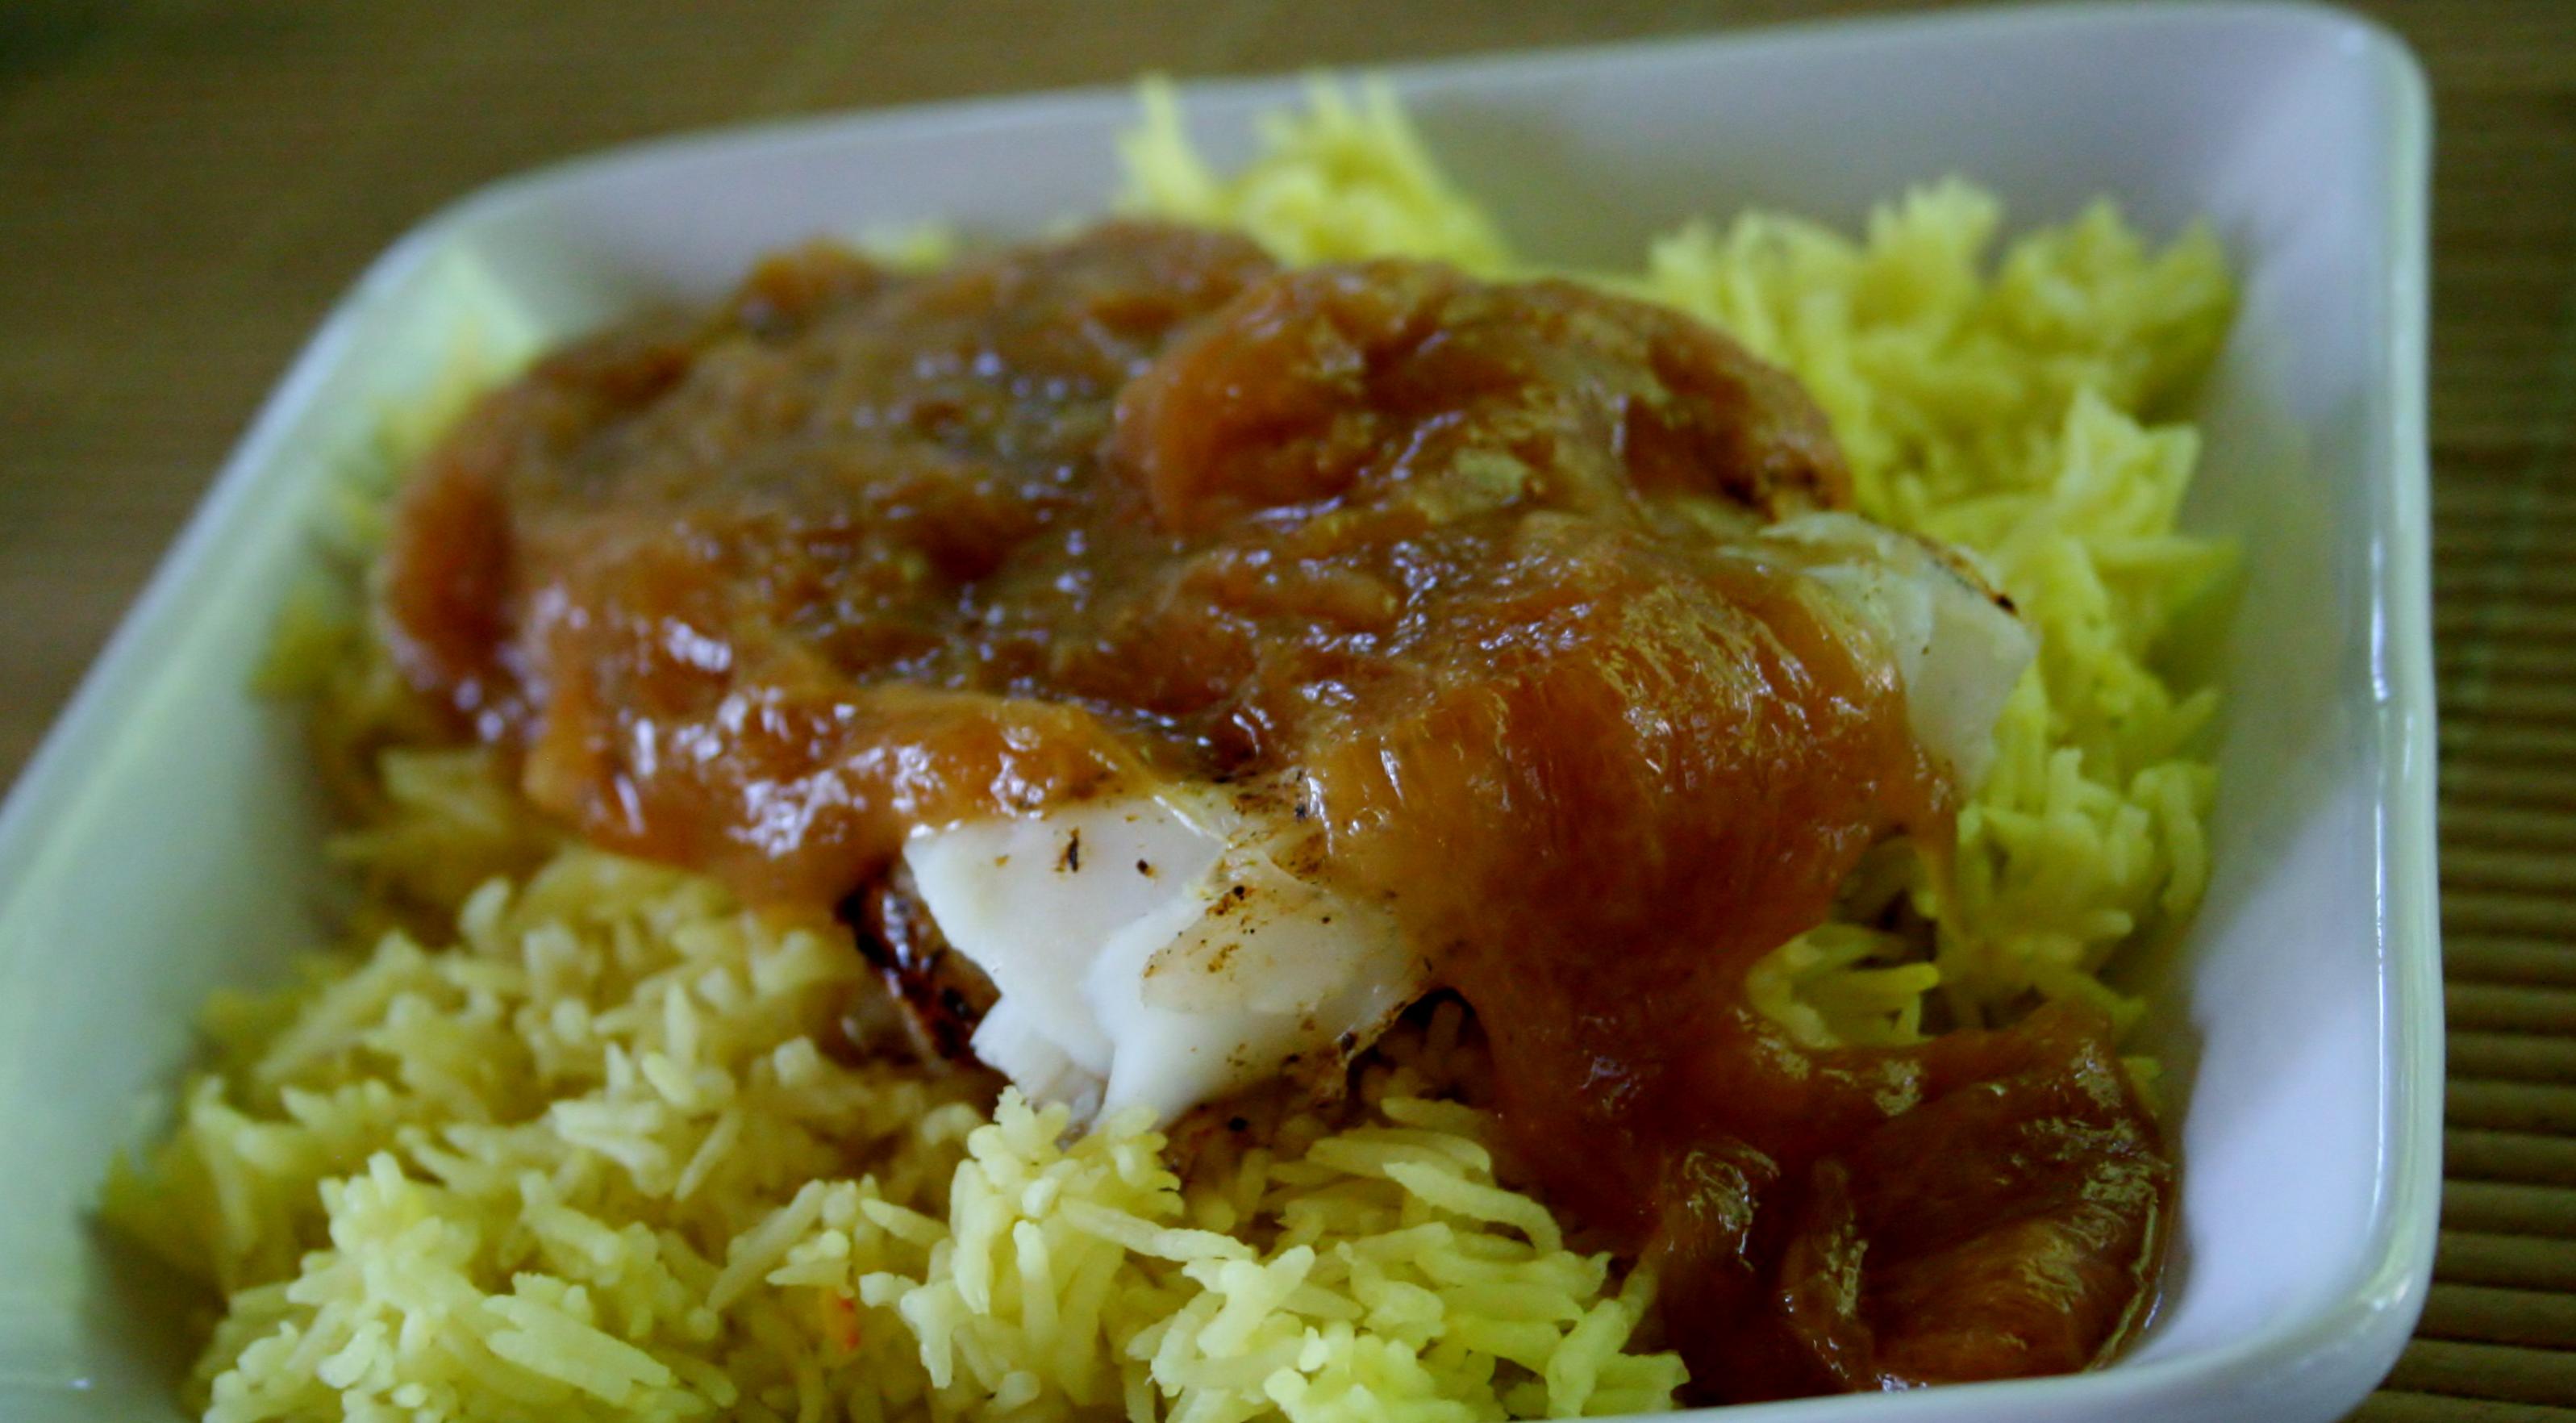 Rhubarb Sauce on Fish: FAIL!